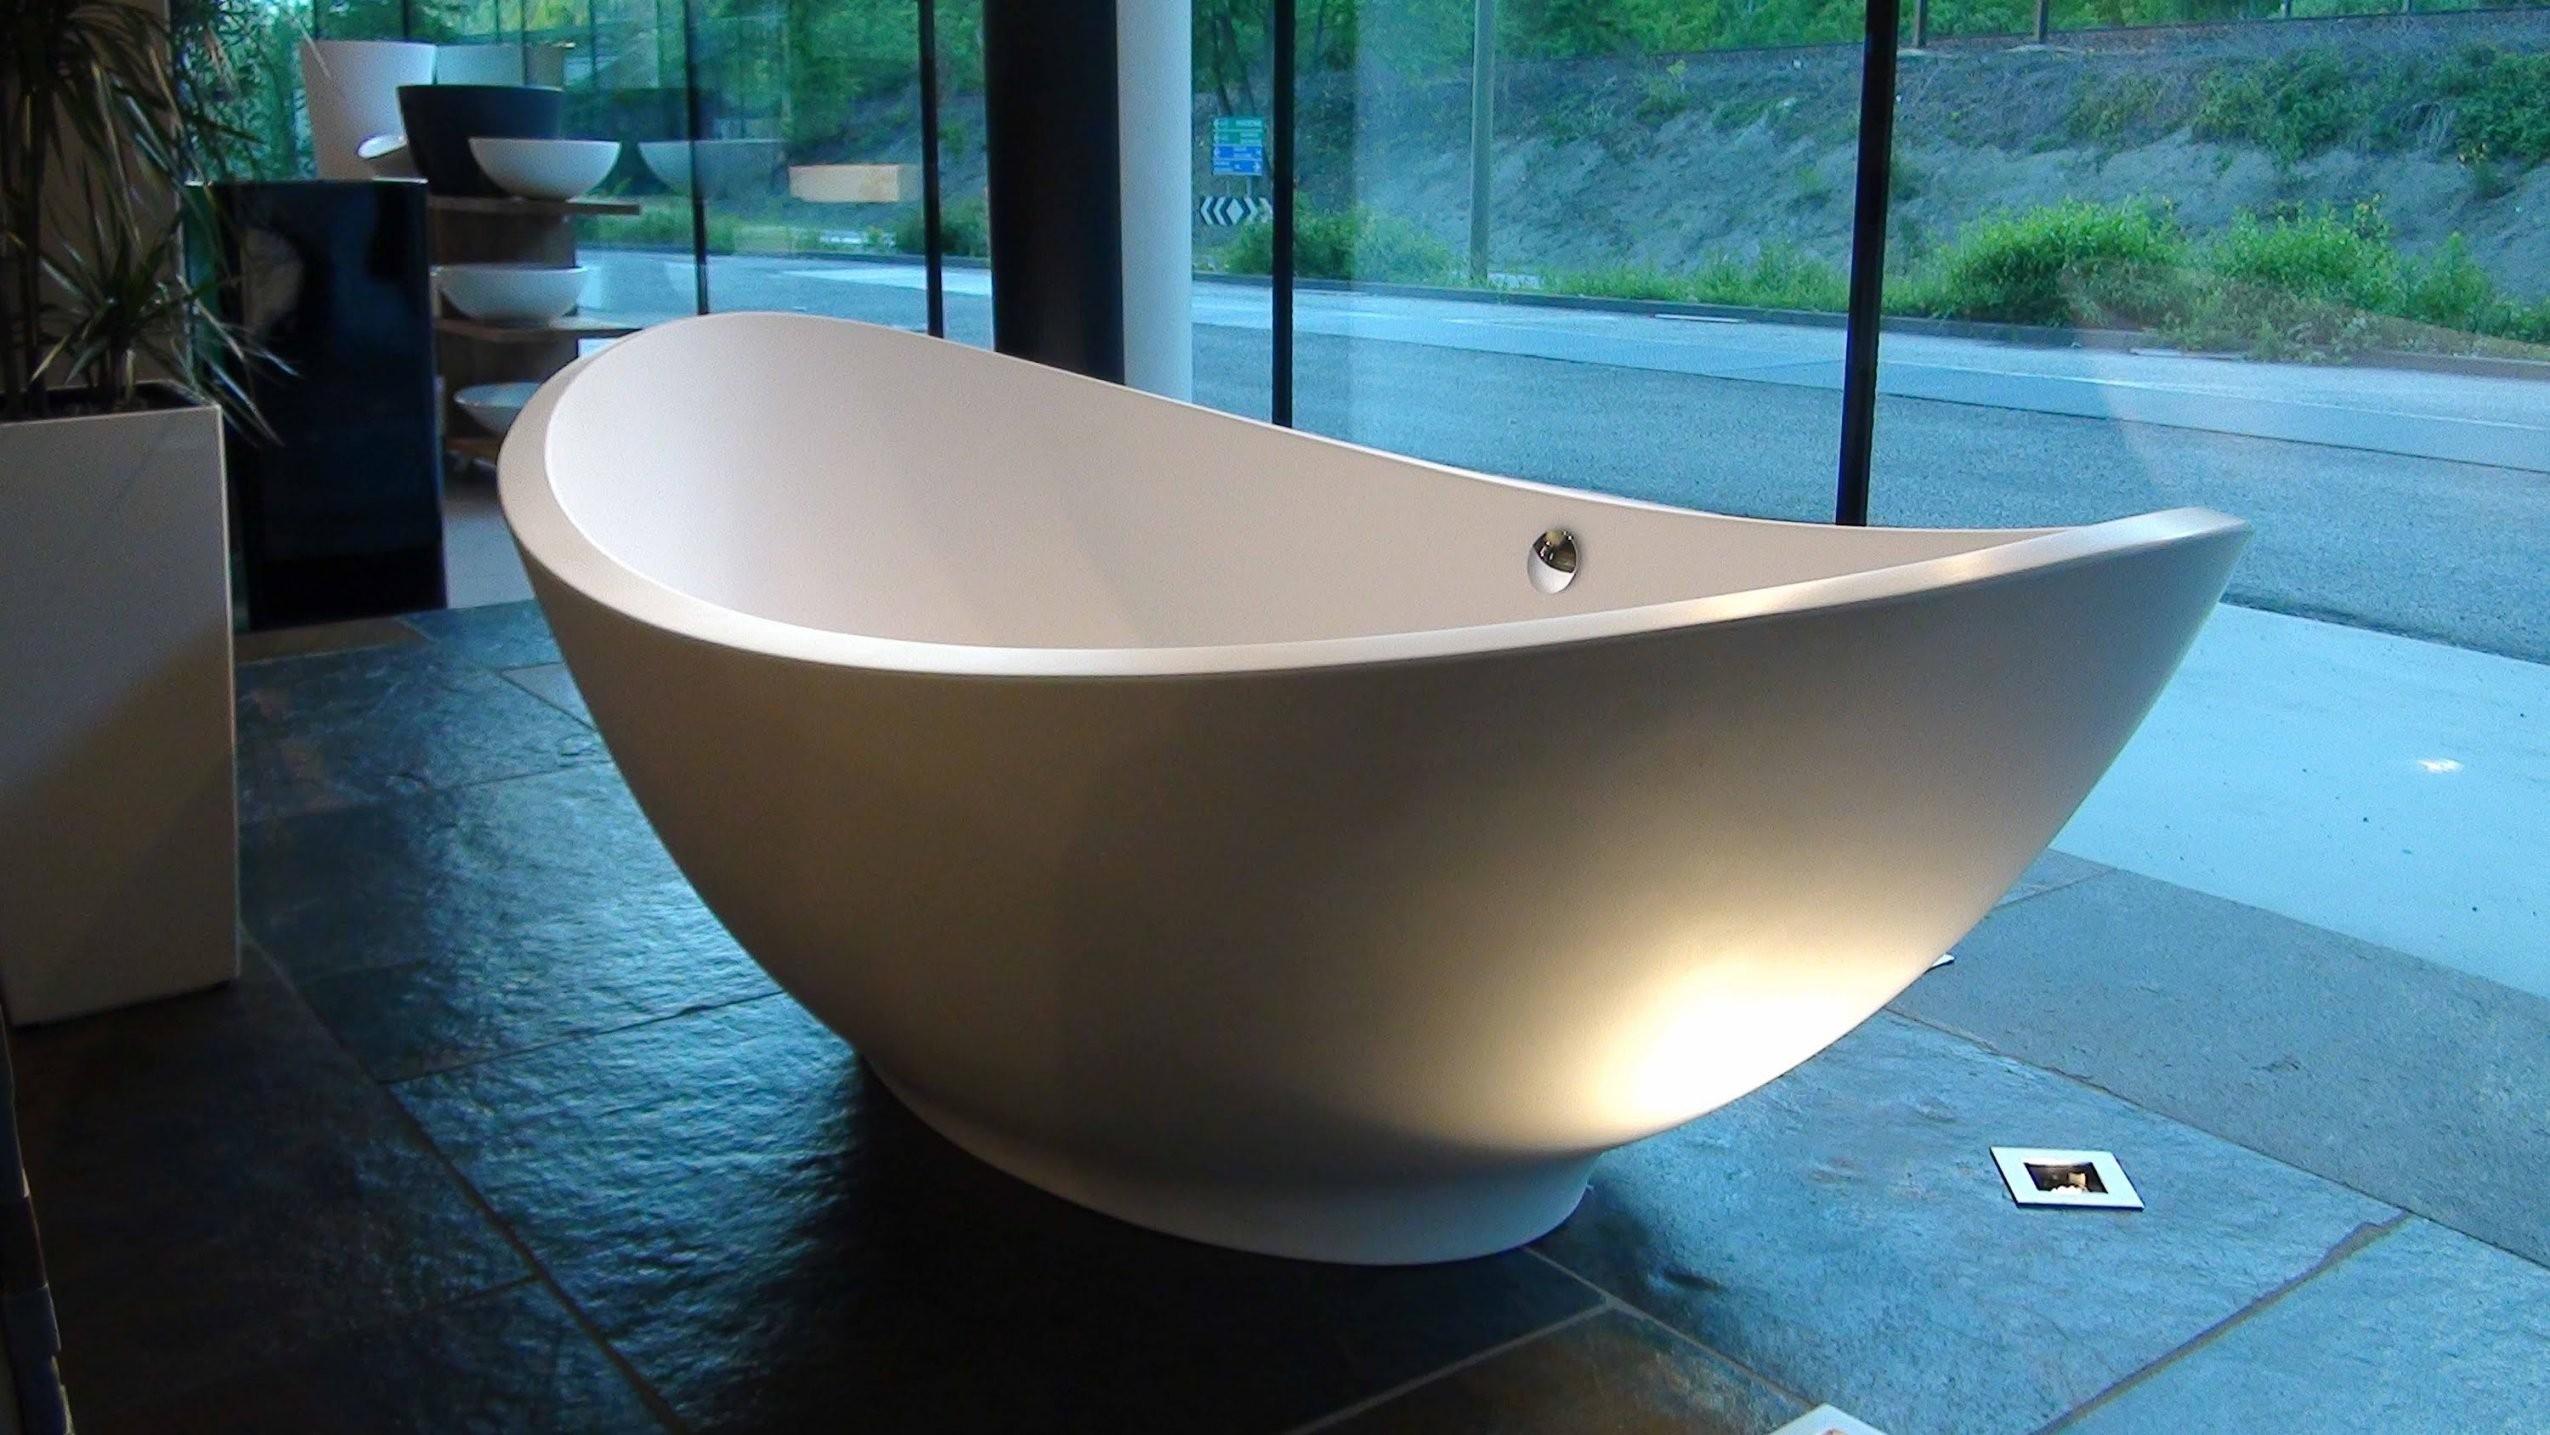 Freistehende Badewanne Gebraucht  Indoo Hausdesign von Badewanne Freistehend Gebraucht Bild